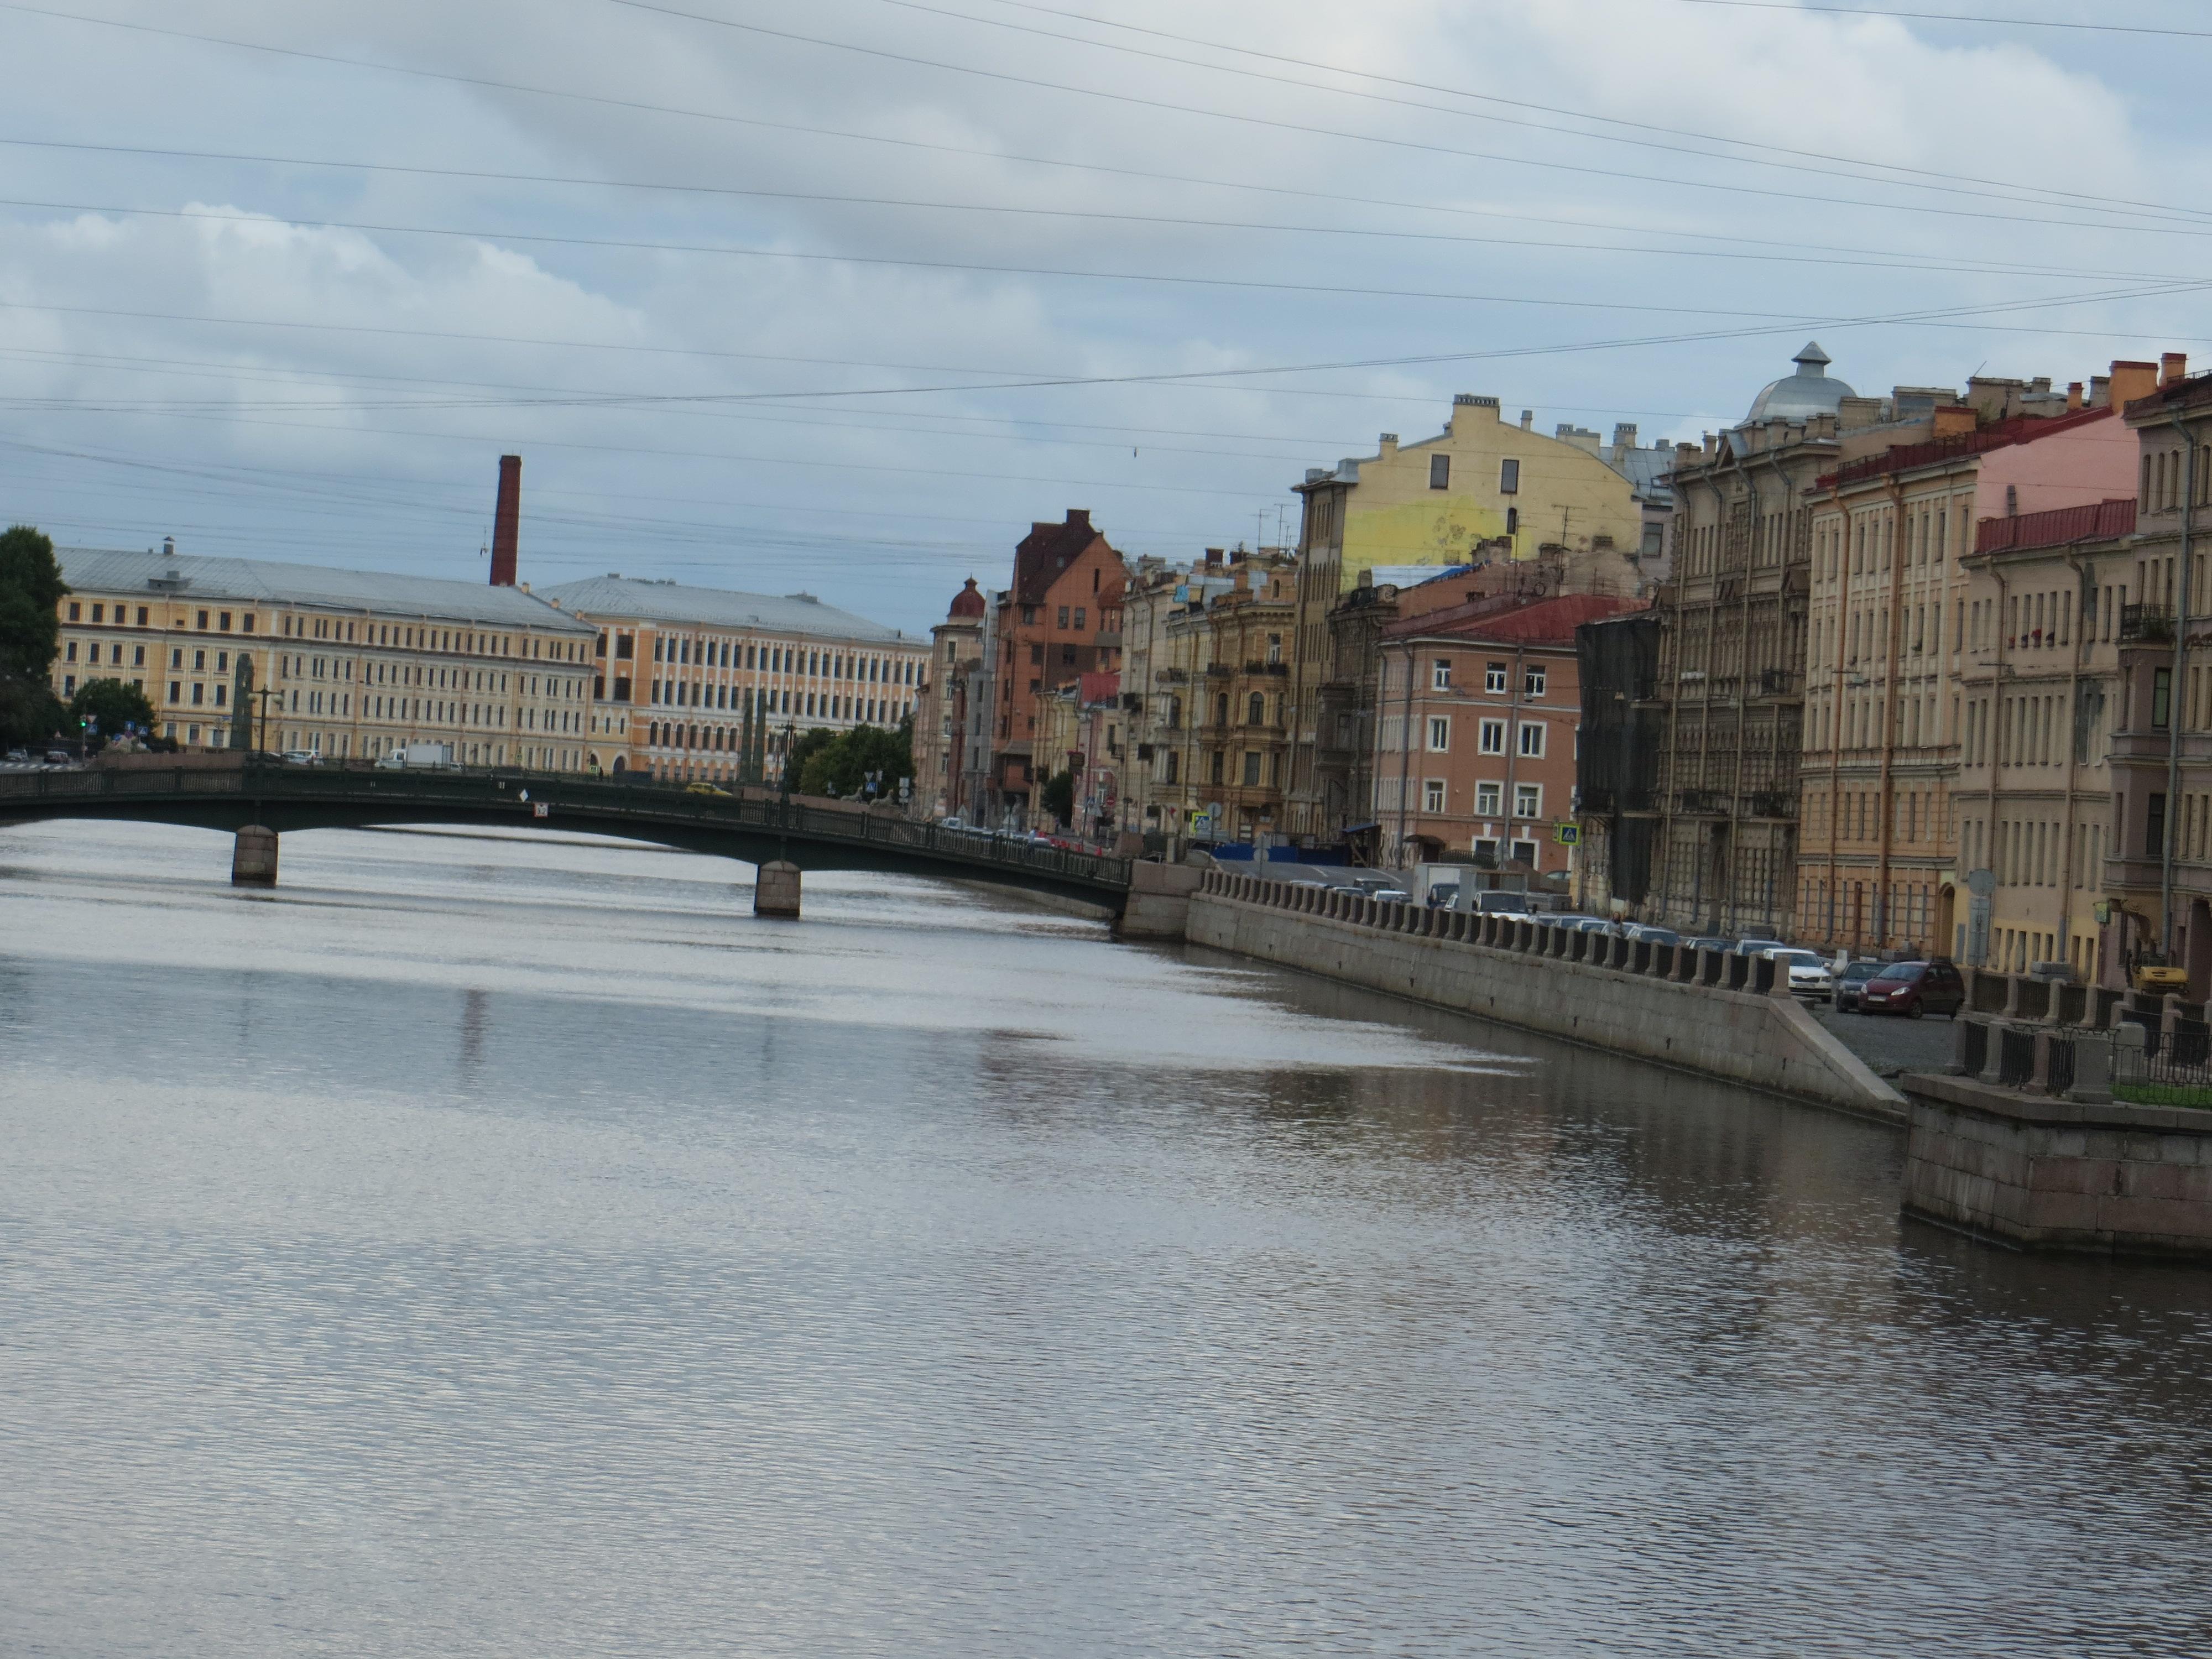 St. Petersburg Russia waterways